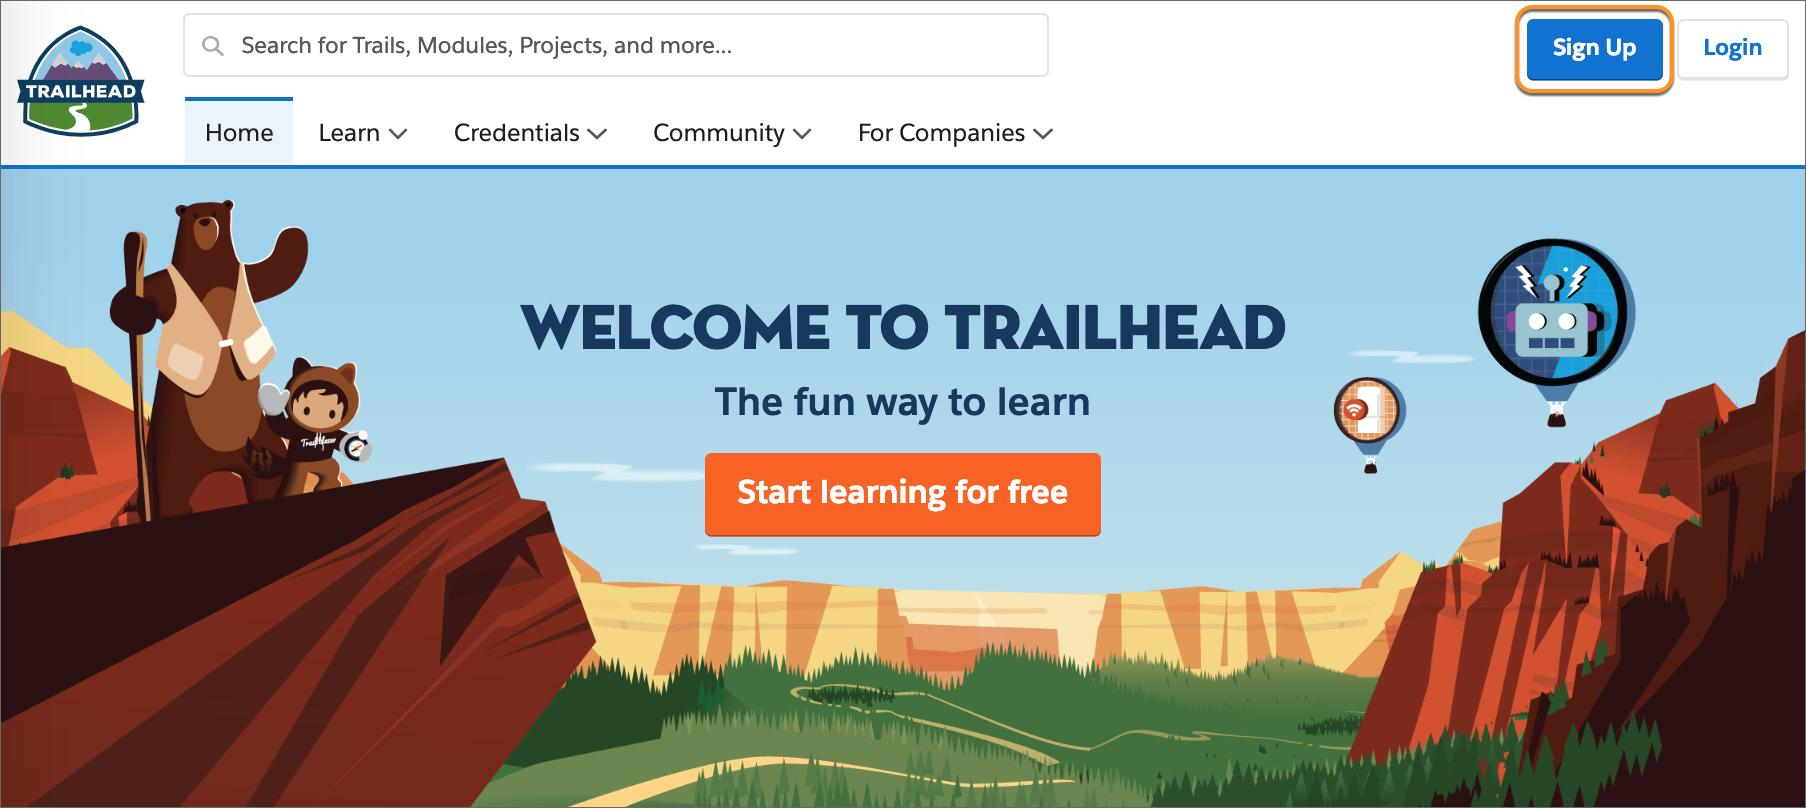 La página de bienvenida de Trailhead con el botón de inscripción resaltado.